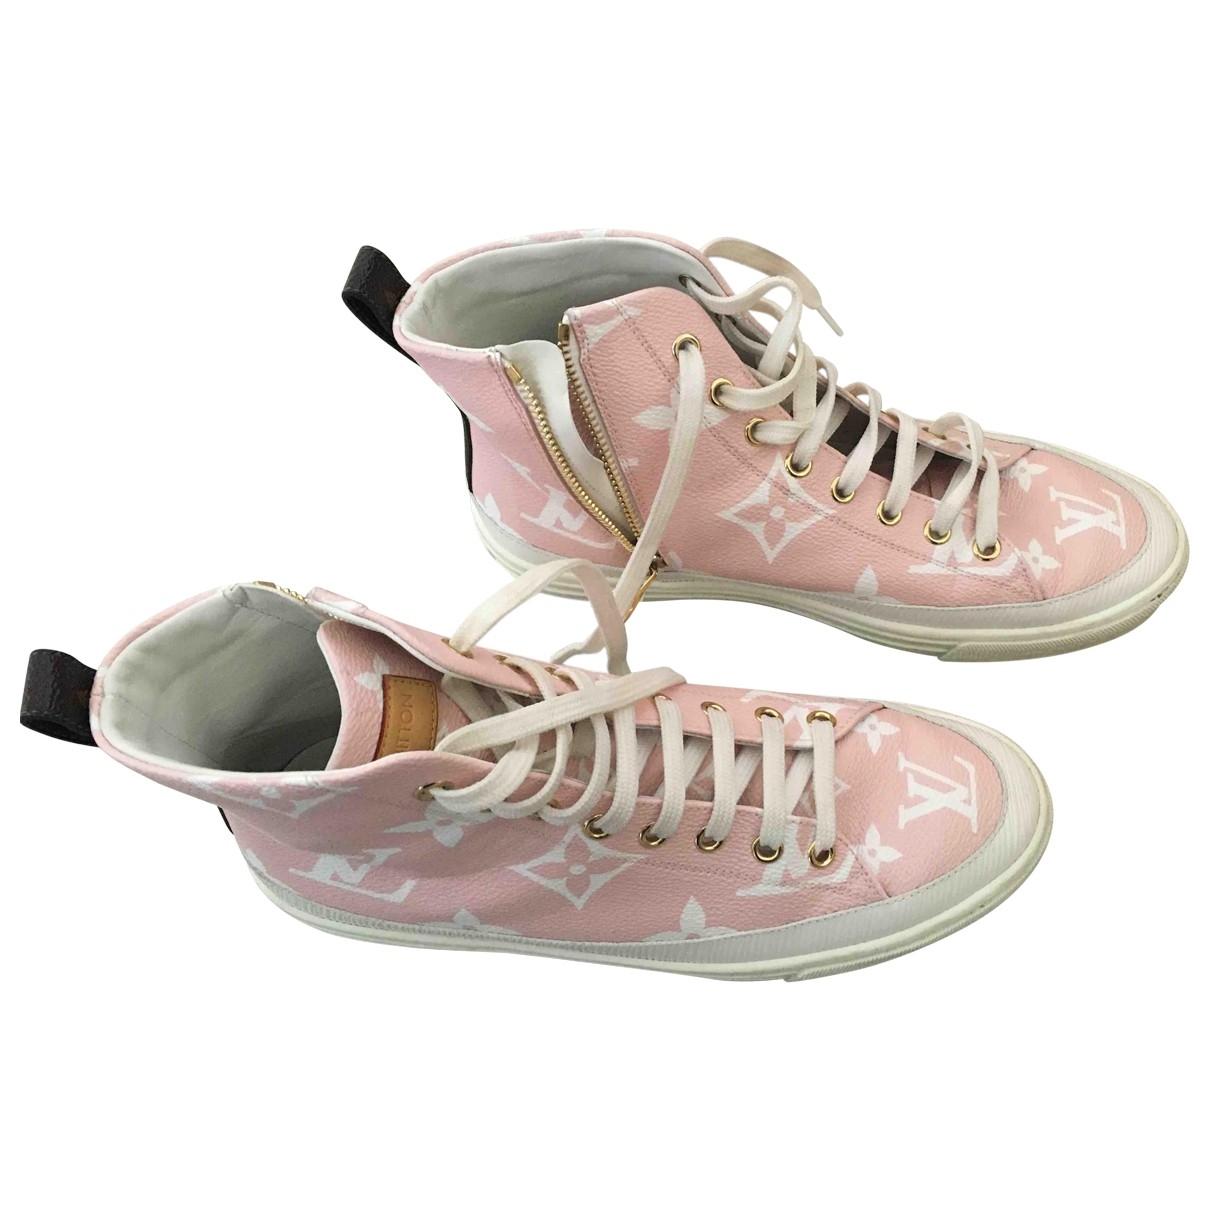 Louis Vuitton - Baskets Stellar pour femme en toile - dore